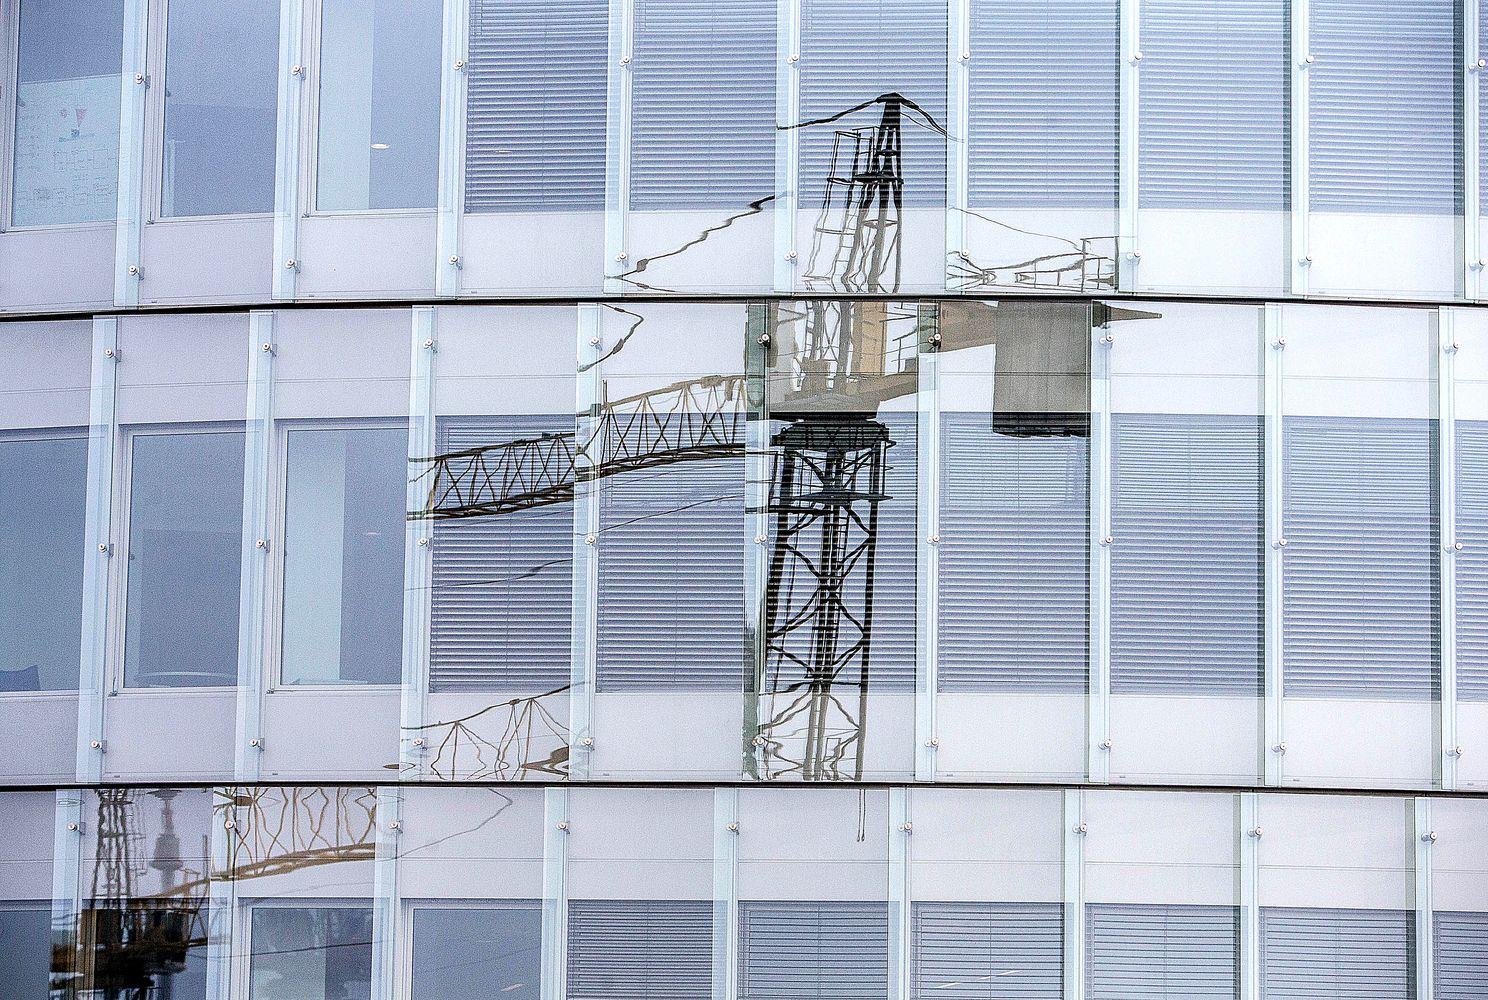 Statybos sektoriaus lyderių prognozės: replės, arši konkurencija ir nepamatuota rizika